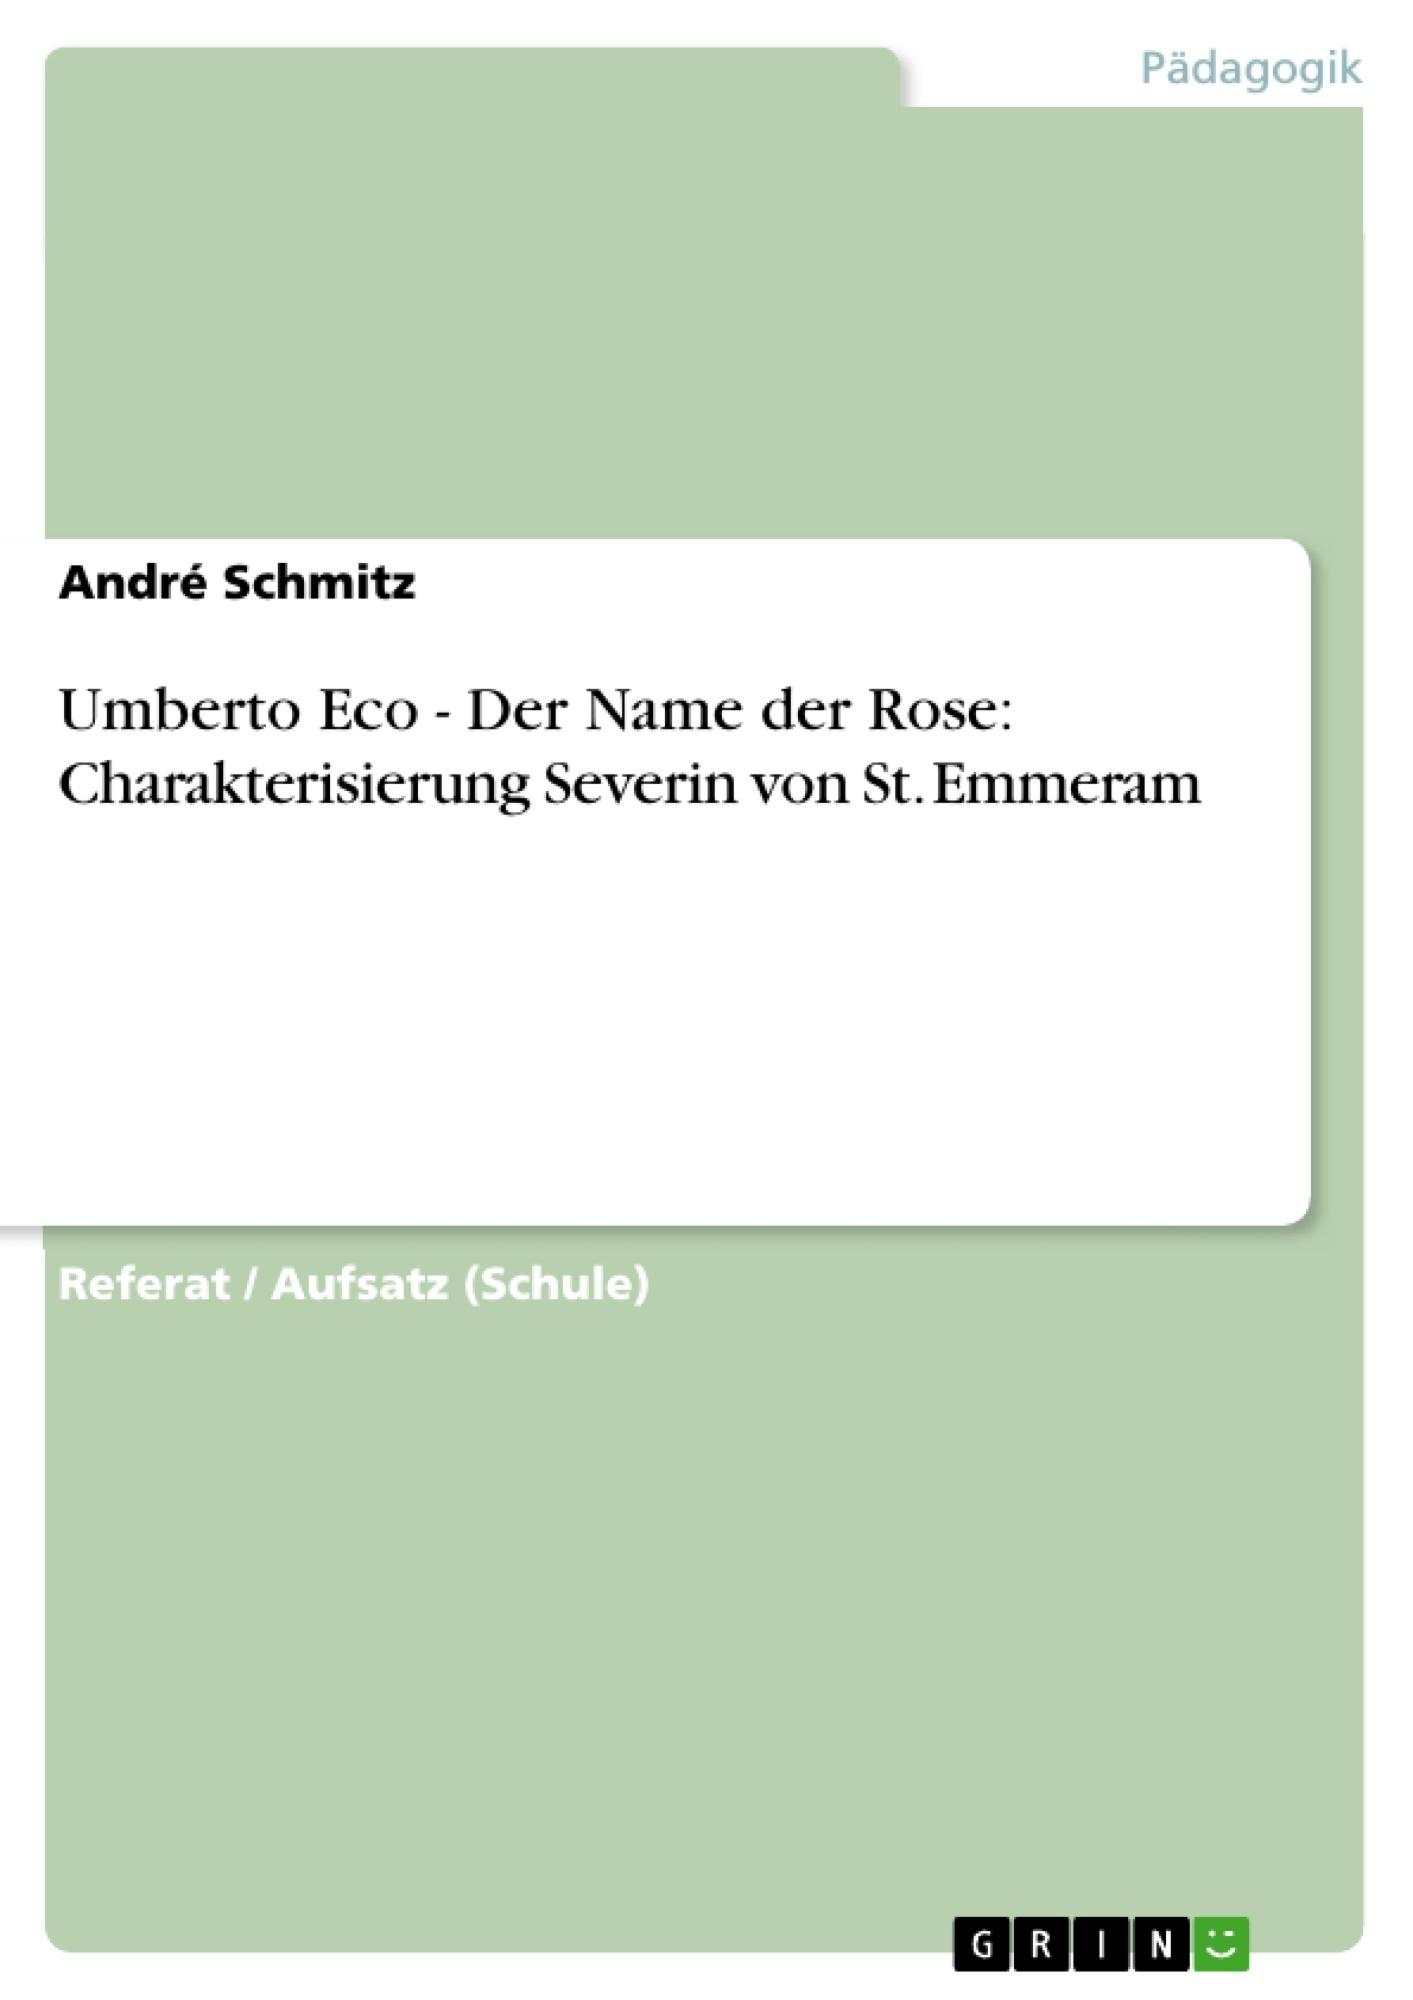 Titel: Umberto Eco - Der Name der Rose: Charakterisierung Severin von St. Emmeram